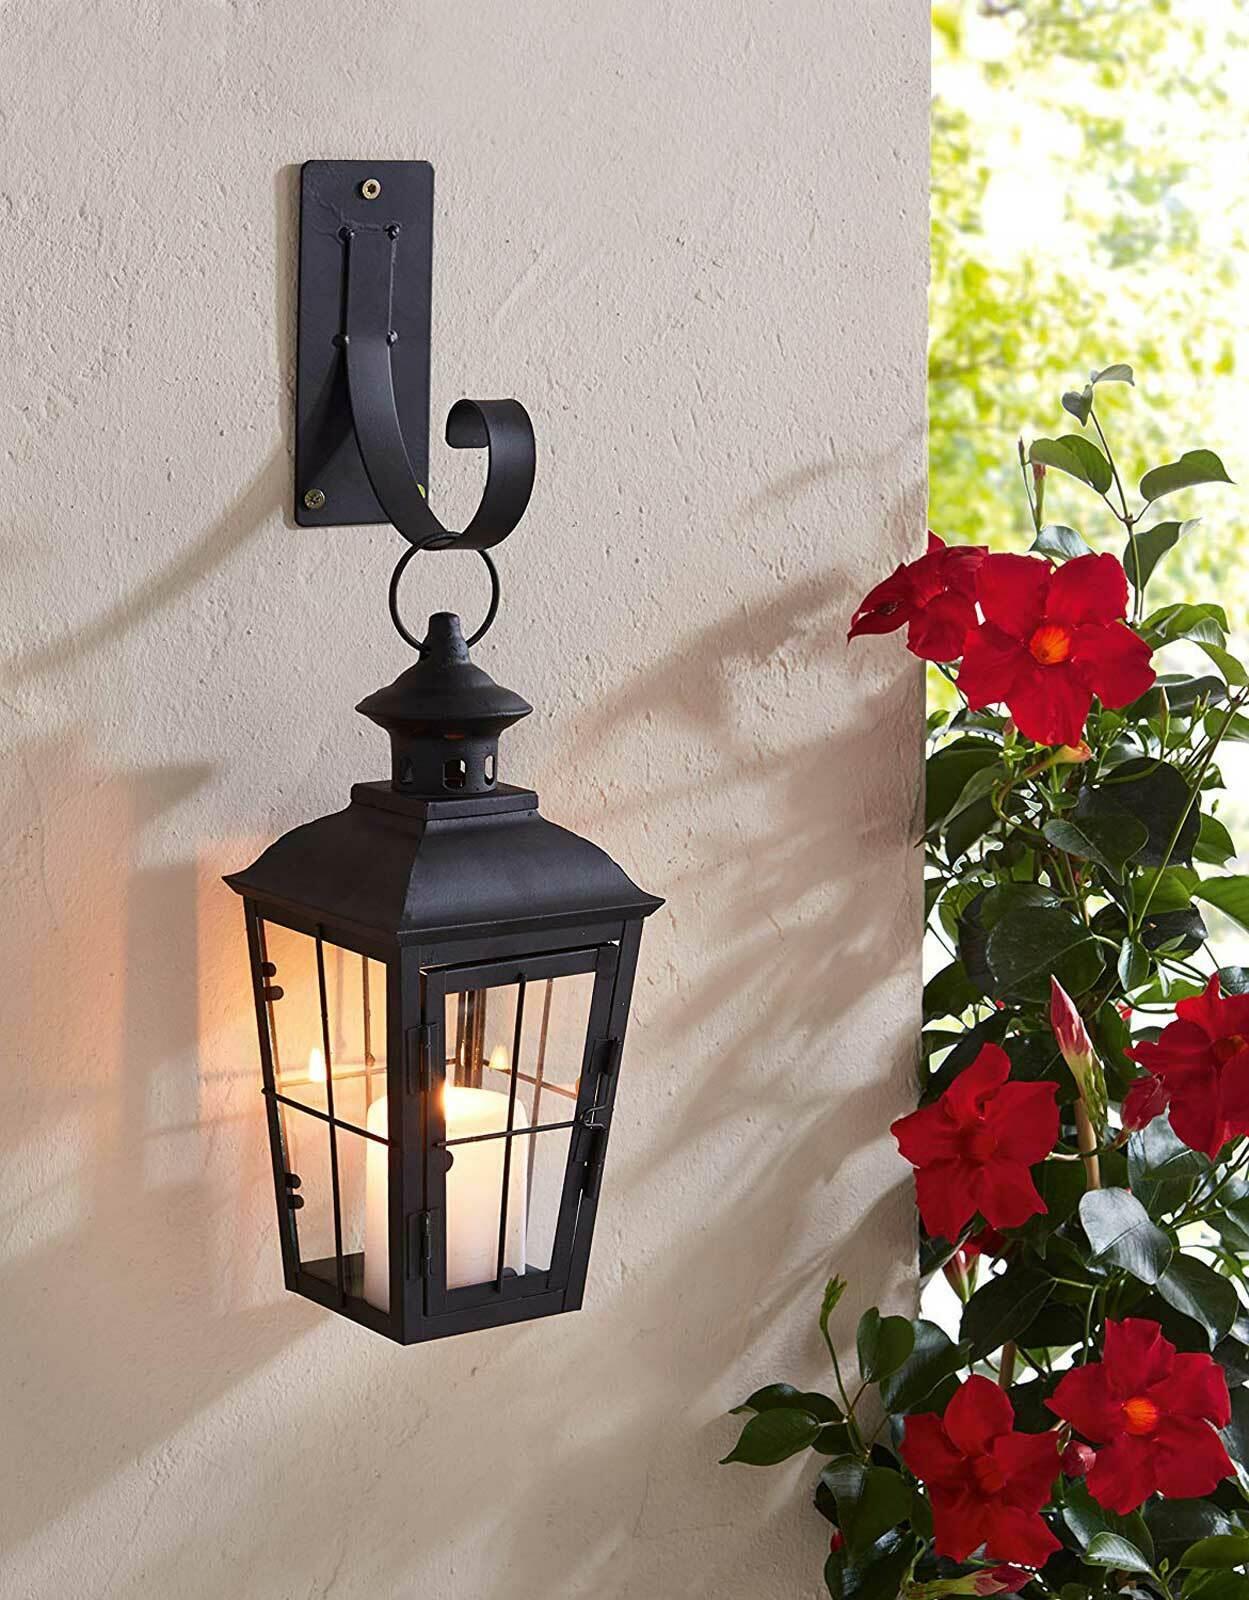 Laterne Wandlaterne mit Wand Halterung Wandleuchter Windlicht Kerzenhalter